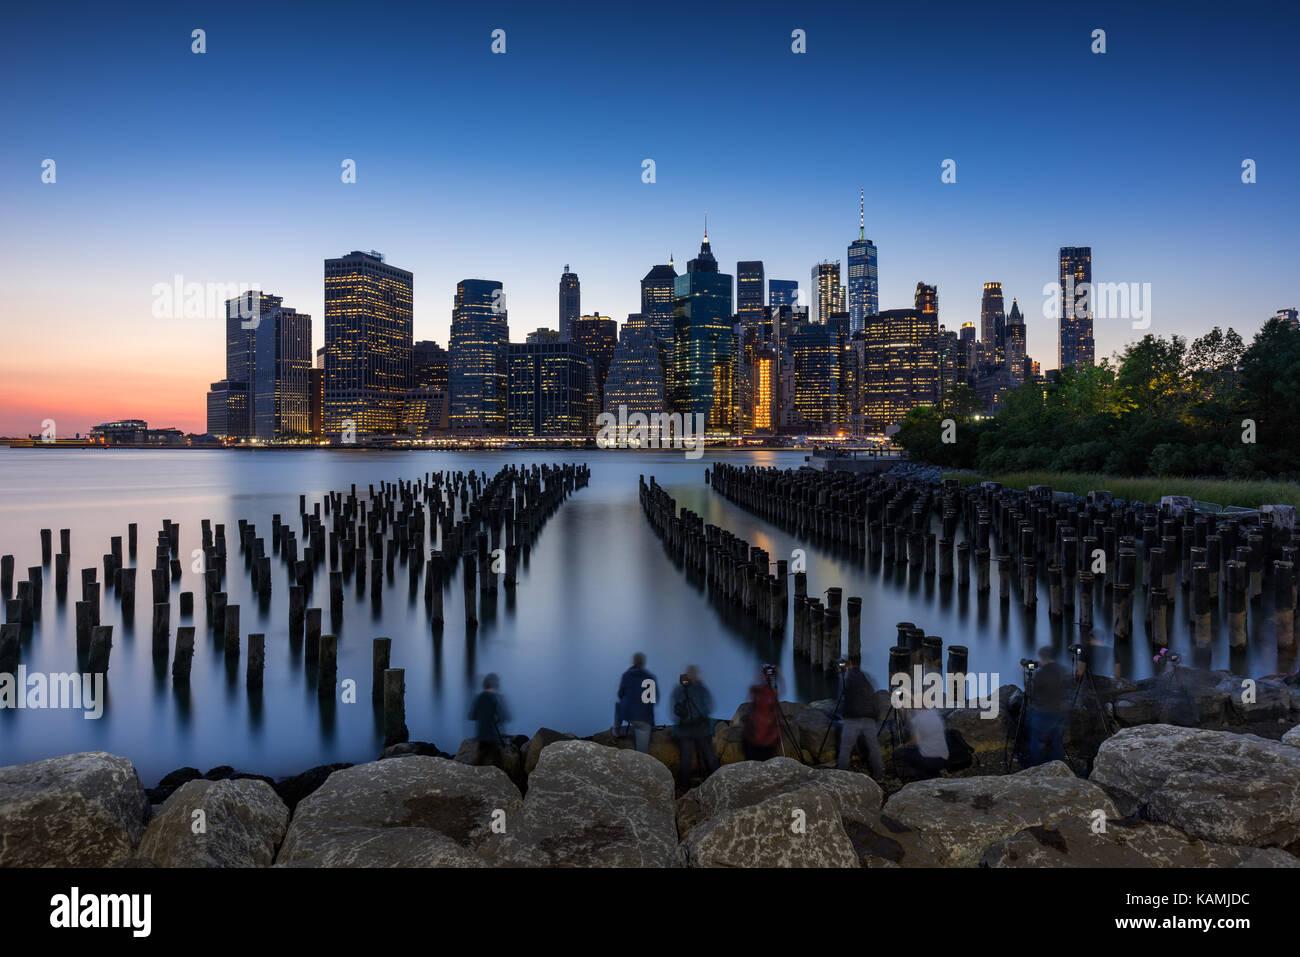 Los rascacielos de Manhattan al atardecer y pilotes de madera del puente de Brooklyn Park. Manhattan, Ciudad de Imagen De Stock